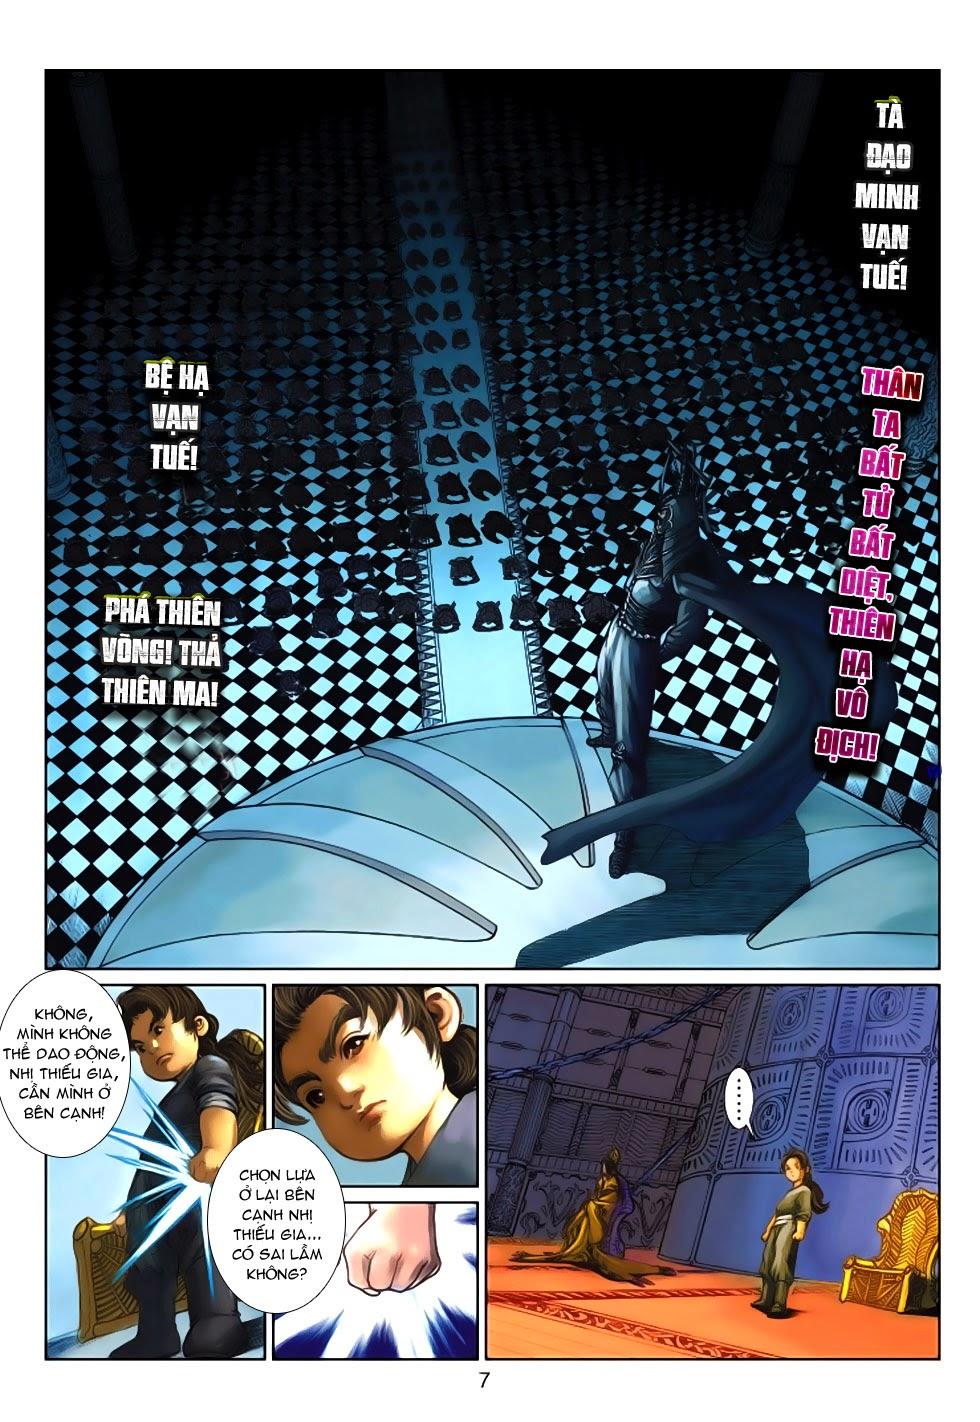 Thần Binh Tiền Truyện 4 - Huyền Thiên Tà Đế chap 13 - Trang 7